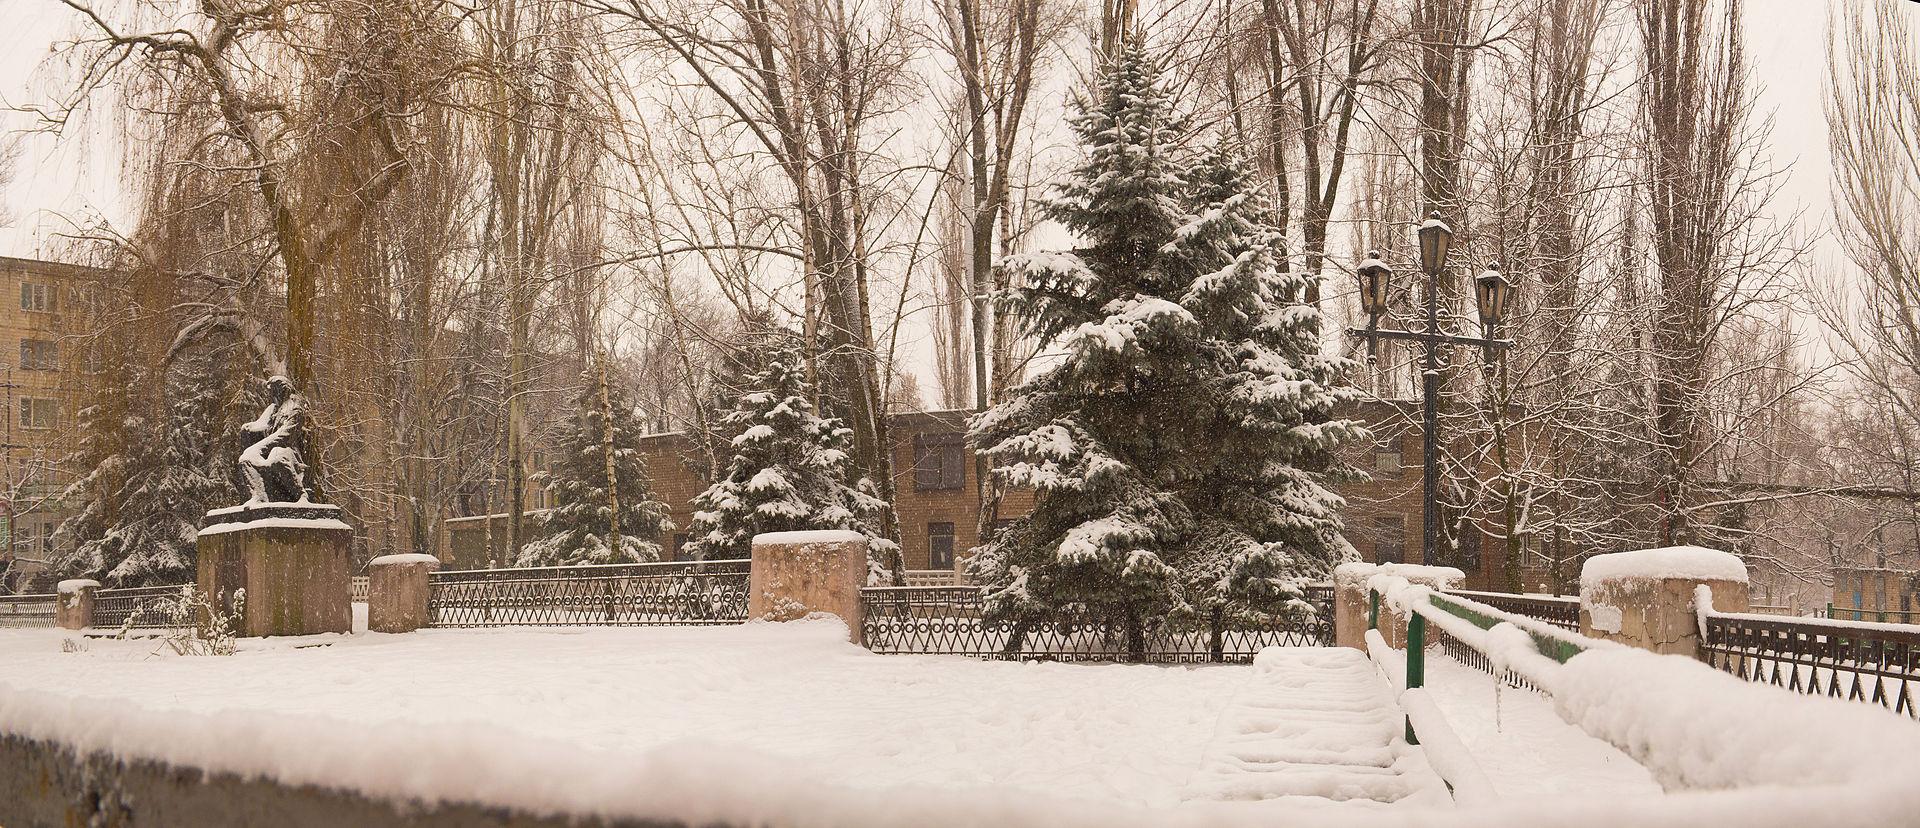 Сквер Пушкина, зима 2012